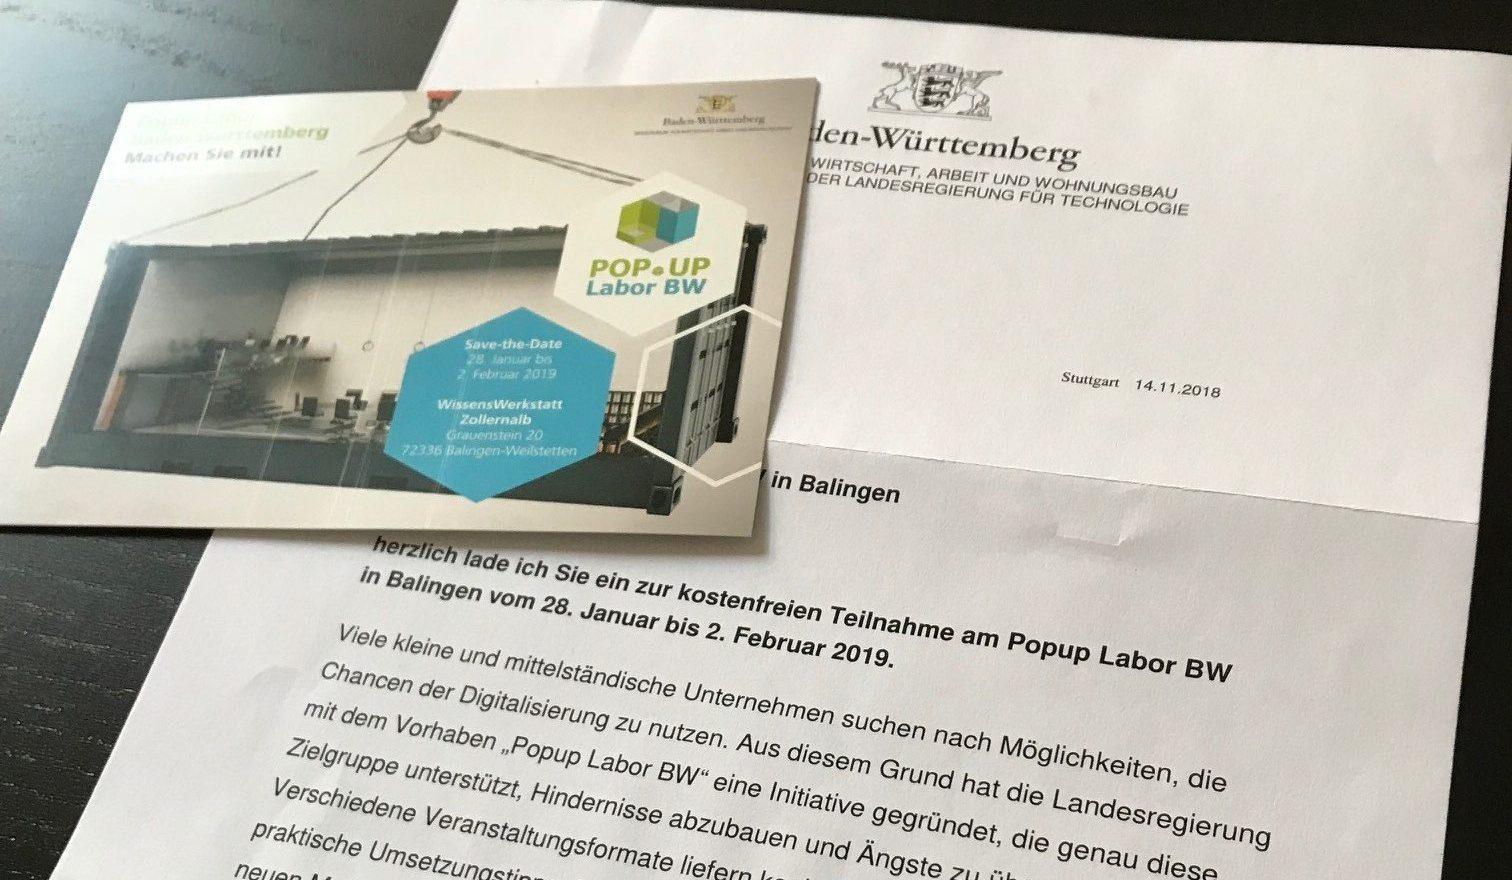 Foto des Einladungsschreibens an alle KMU (Bildquelle: Popup Labor BW)